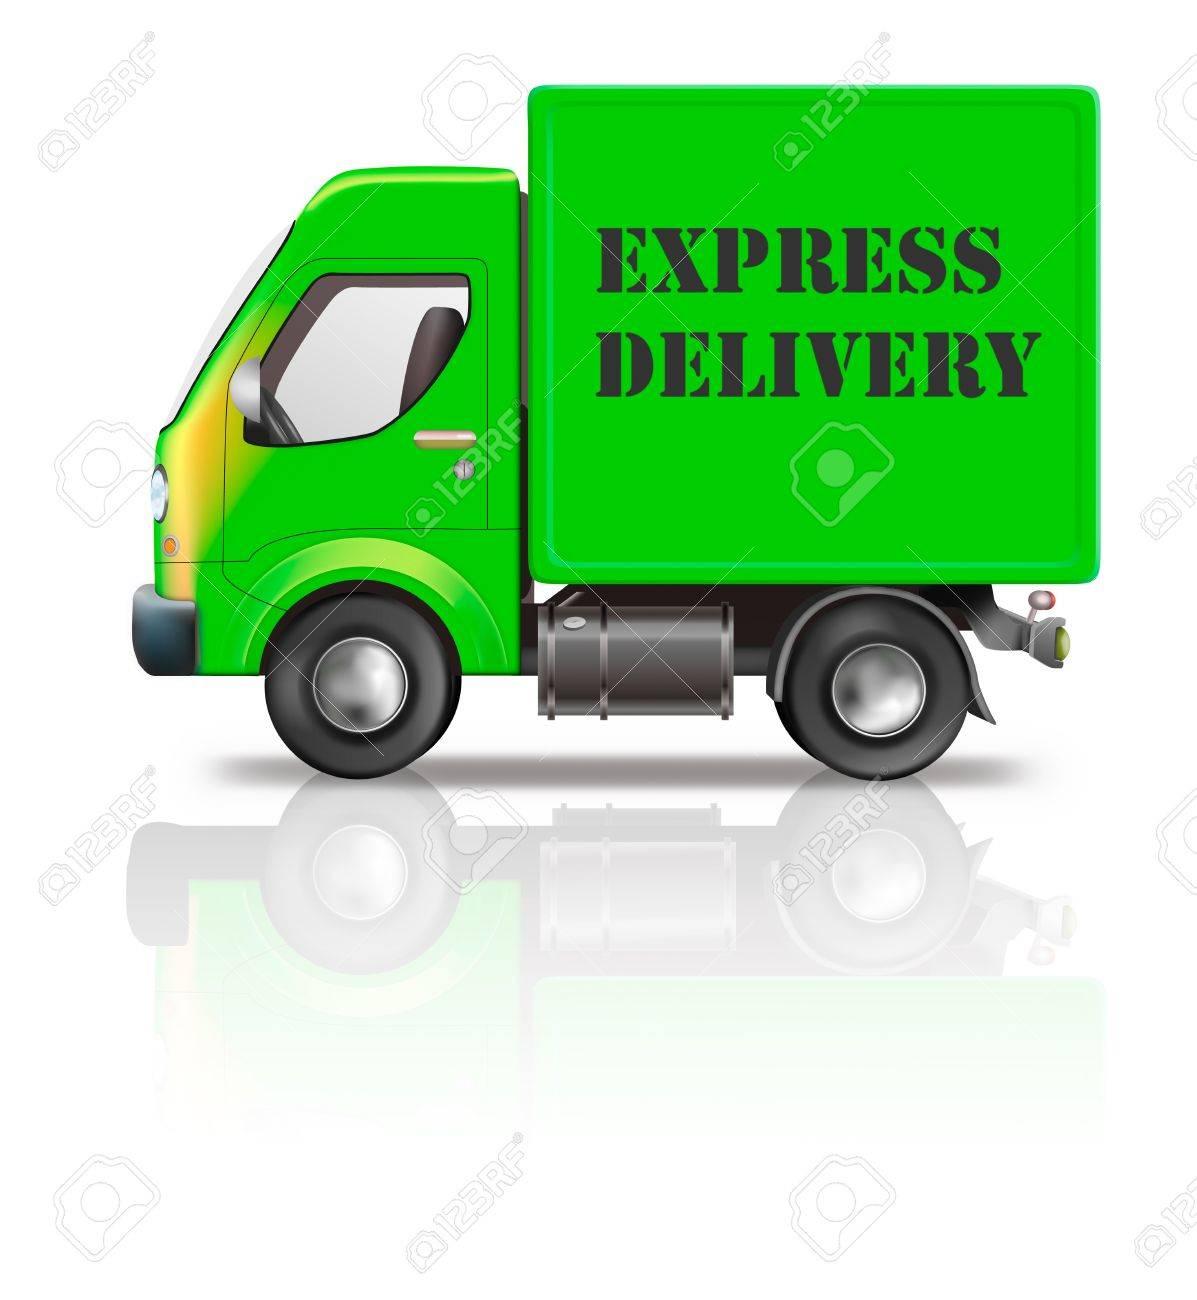 b380fd59121cac Expressversand Lieferung LKW schnell schnell und dringende Paket aus  Auftrag in online Web-Shop-